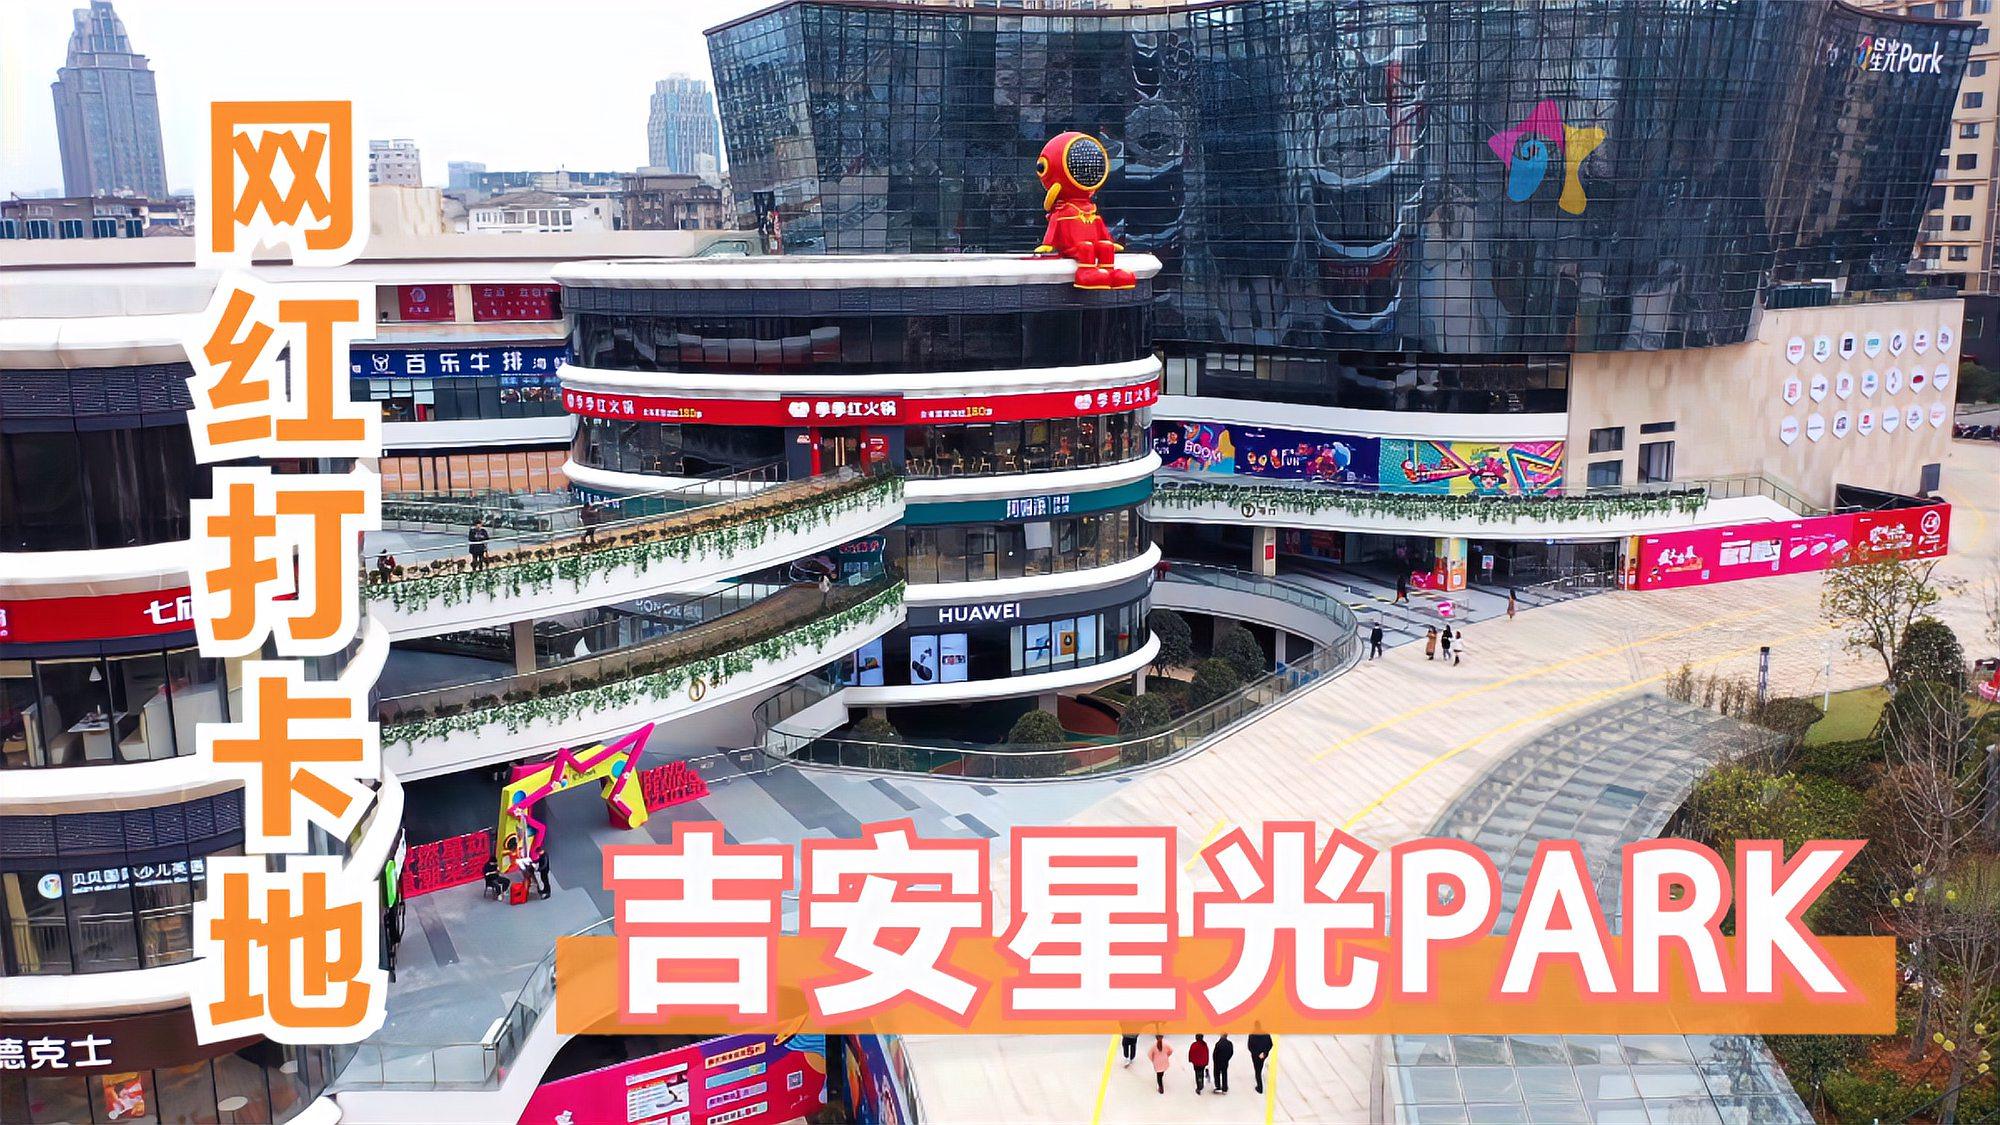 吉安新开了一家网红打卡购物公园?一起去看看!